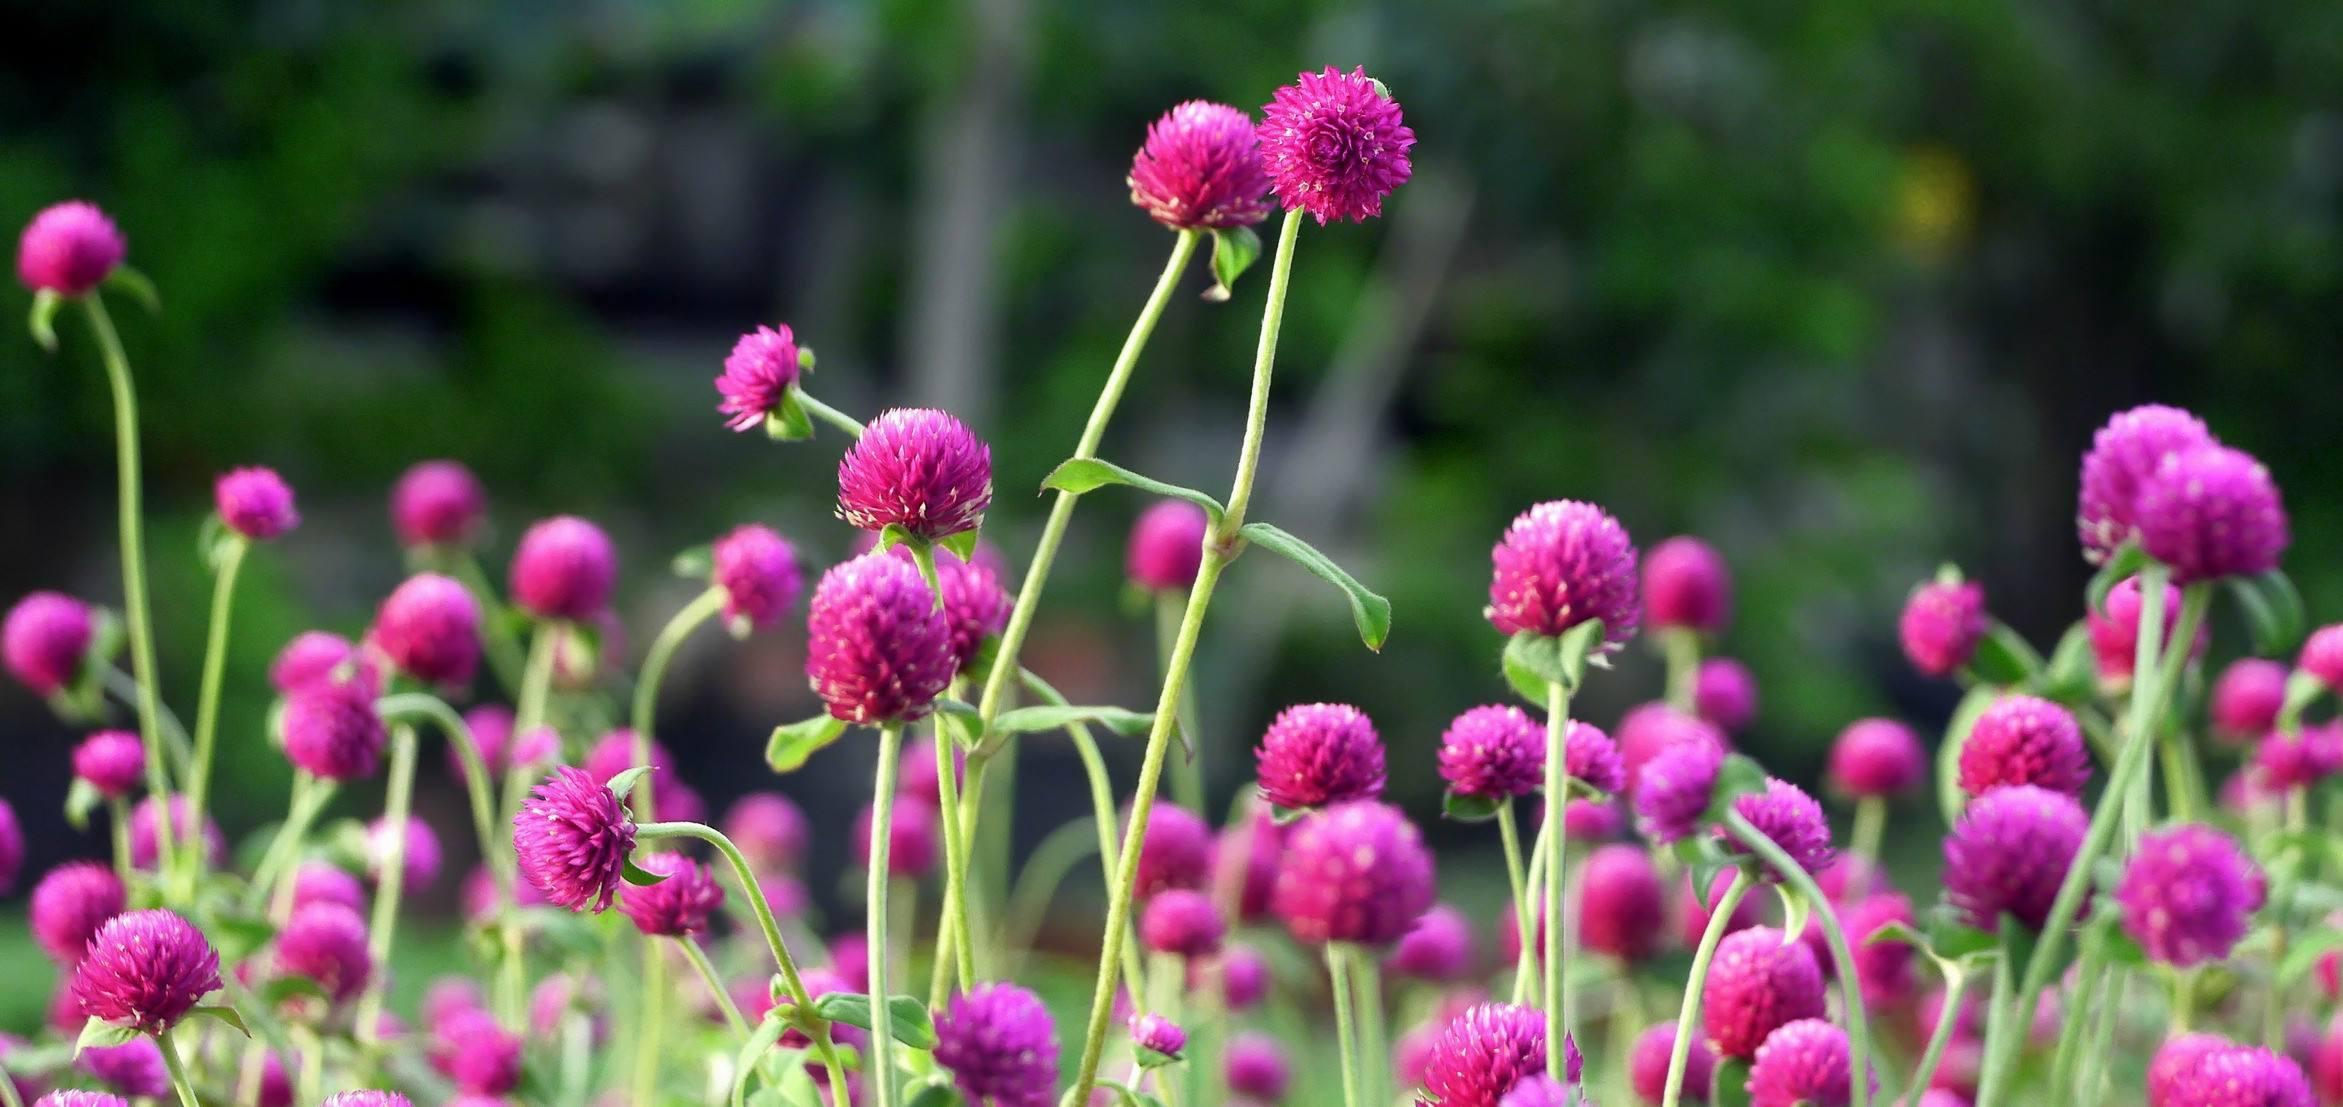 花期在秋天的草花品种,你种了吗?